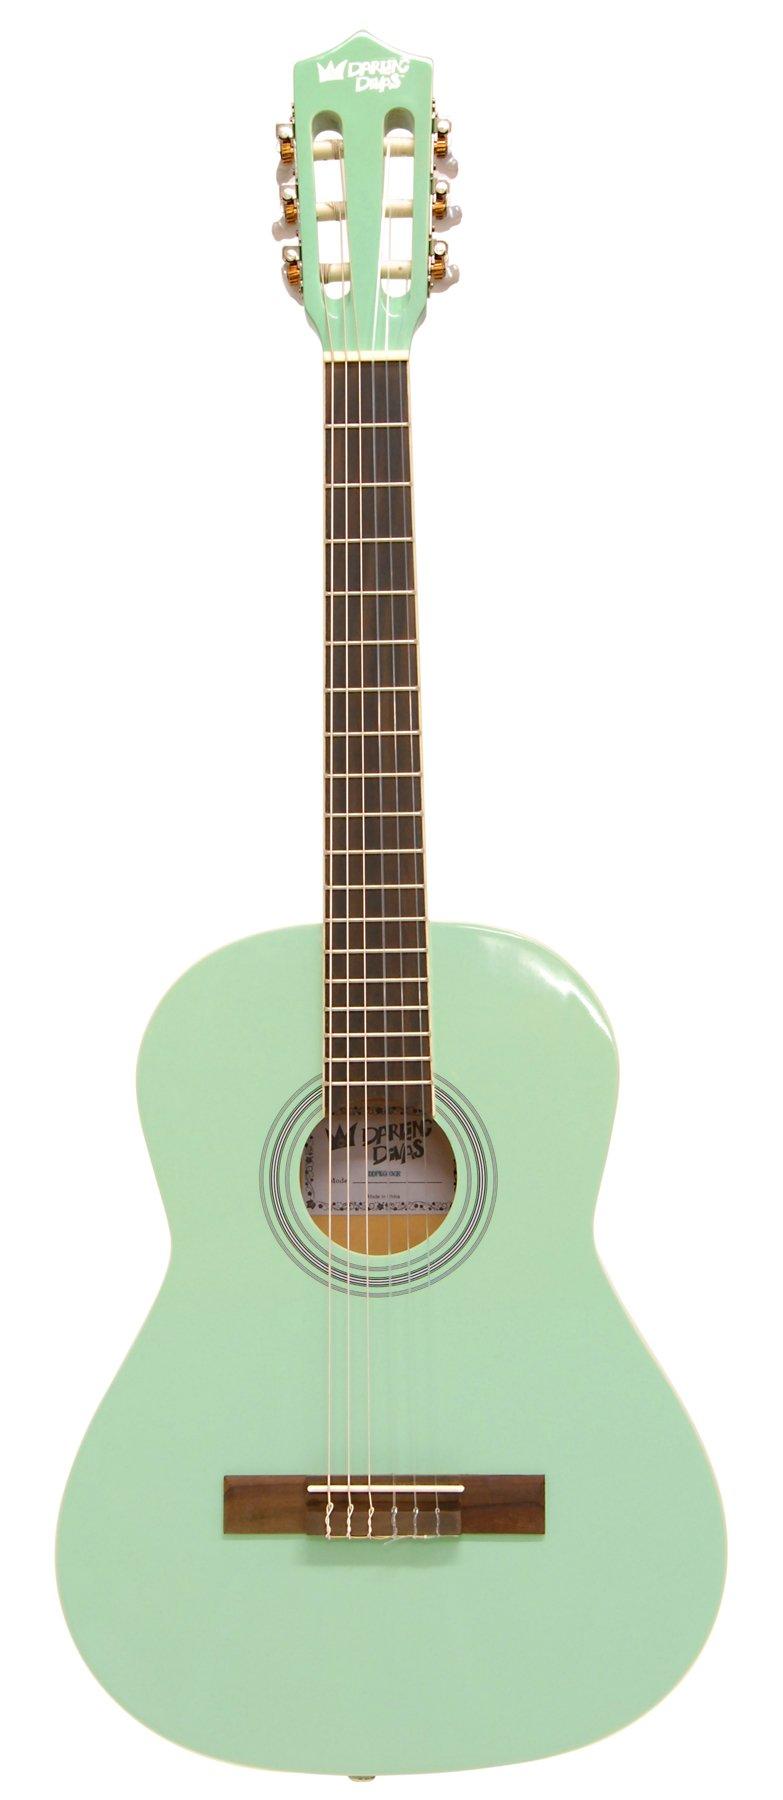 Darling Diva DDPKG03GR Acoustic Guitar, Surf Green